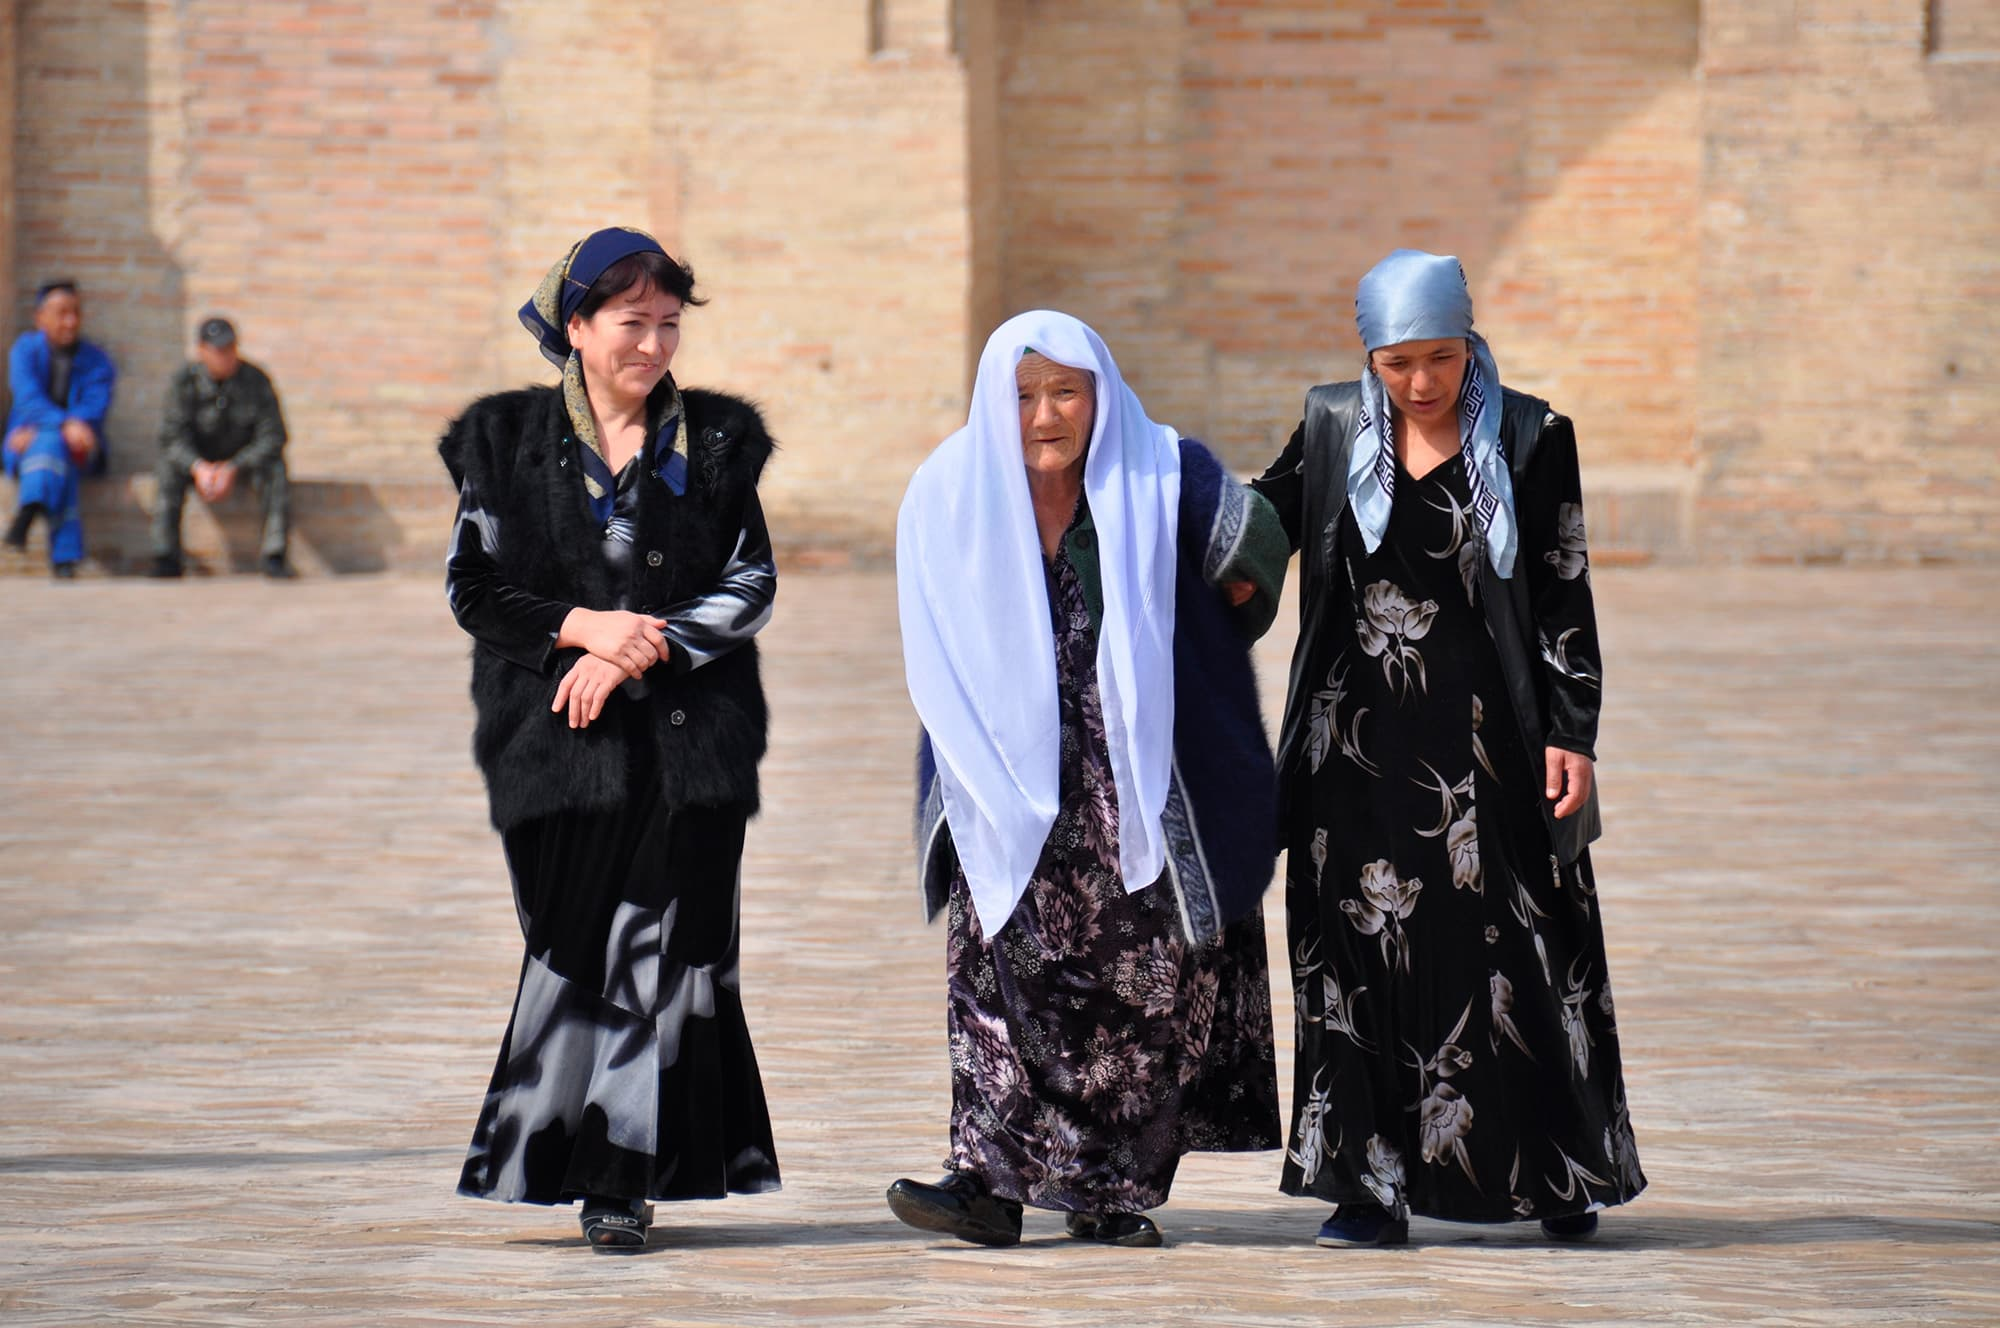 La Ruta de Samarkanda I - Uzbekistan- imagen #4